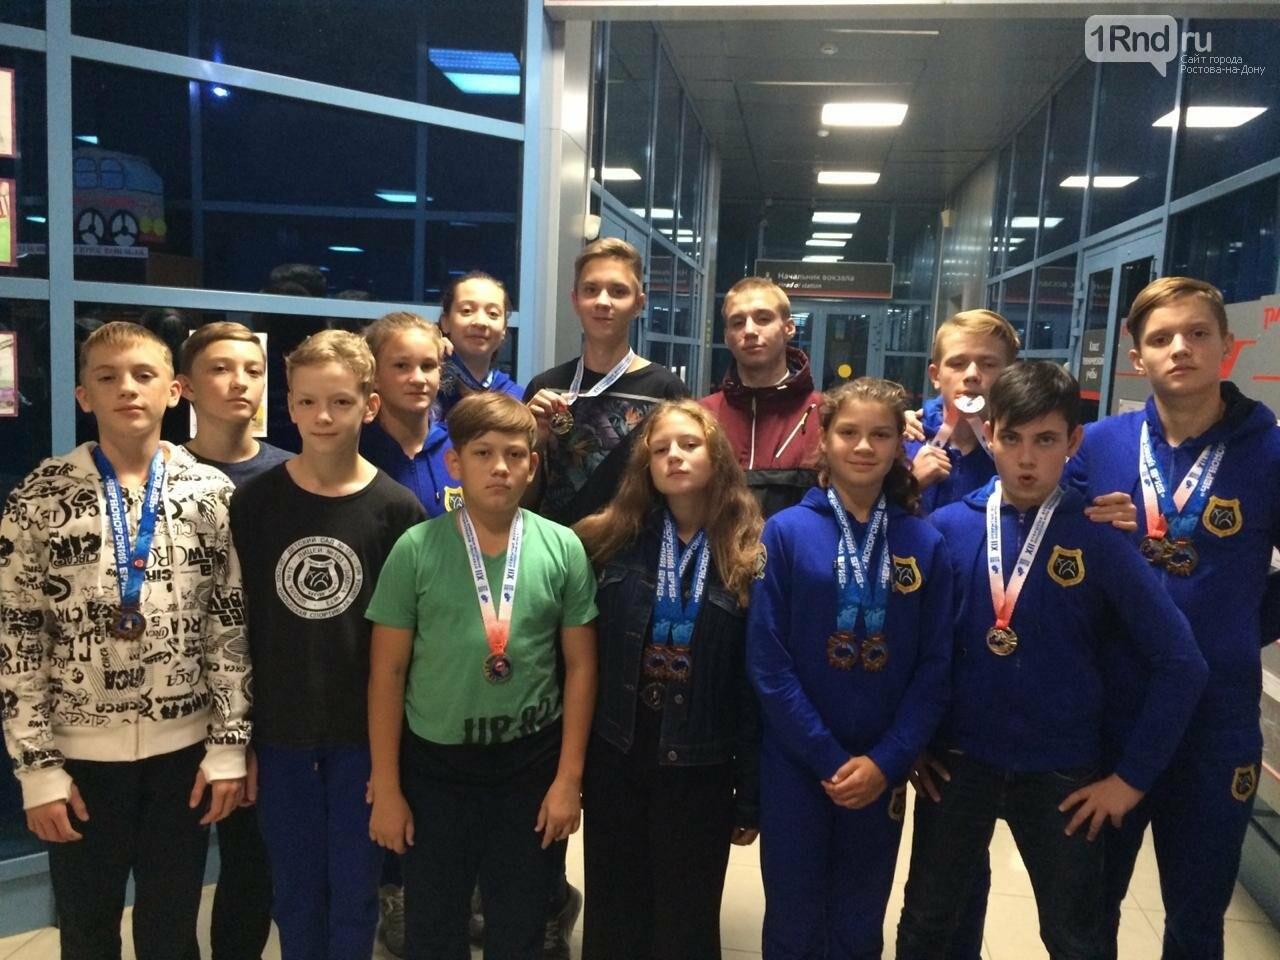 Юные каратисты из Ростовской области заняли восемь первых мест на всероссийских соревнованиях, фото-4